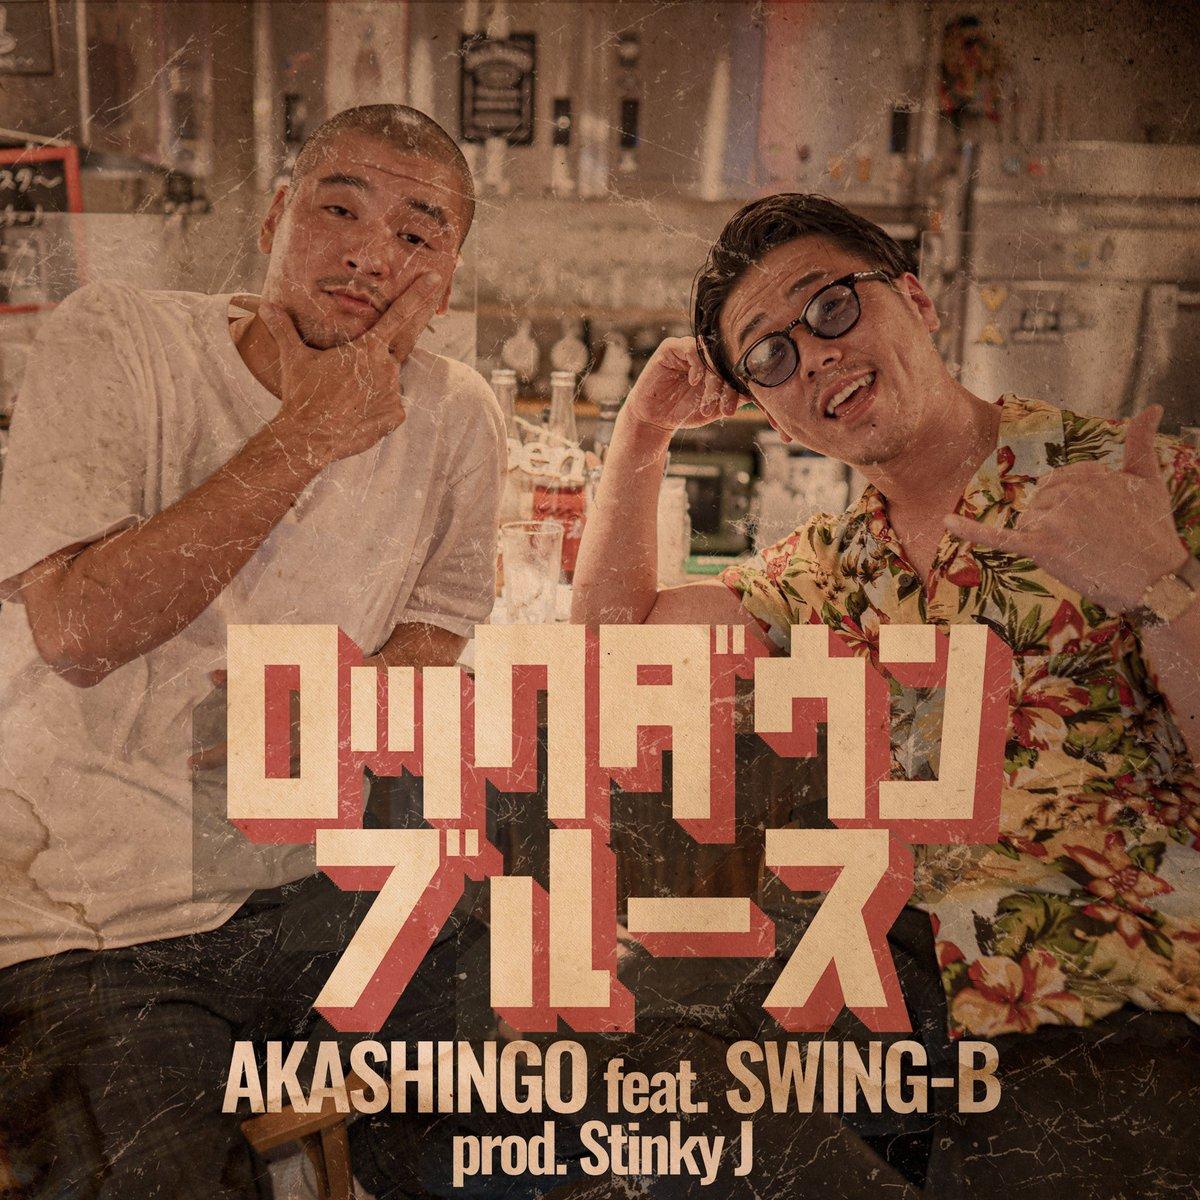 """本日各社配信開始♪  """"ロックダウンブルース"""" feat.SWING-B  (prod.Stinky J)  シンゴちゃんリリースおめでとう🎉㊗️🎉  東京もまだまだ油断できない状況だけど、笑う門には福来たる。ネガをポジに変え、前向きに軽快なビートに乗せたナンバーです♪  聴いてください‼︎‼︎ https://t.co/W5oF0ds9YZ"""